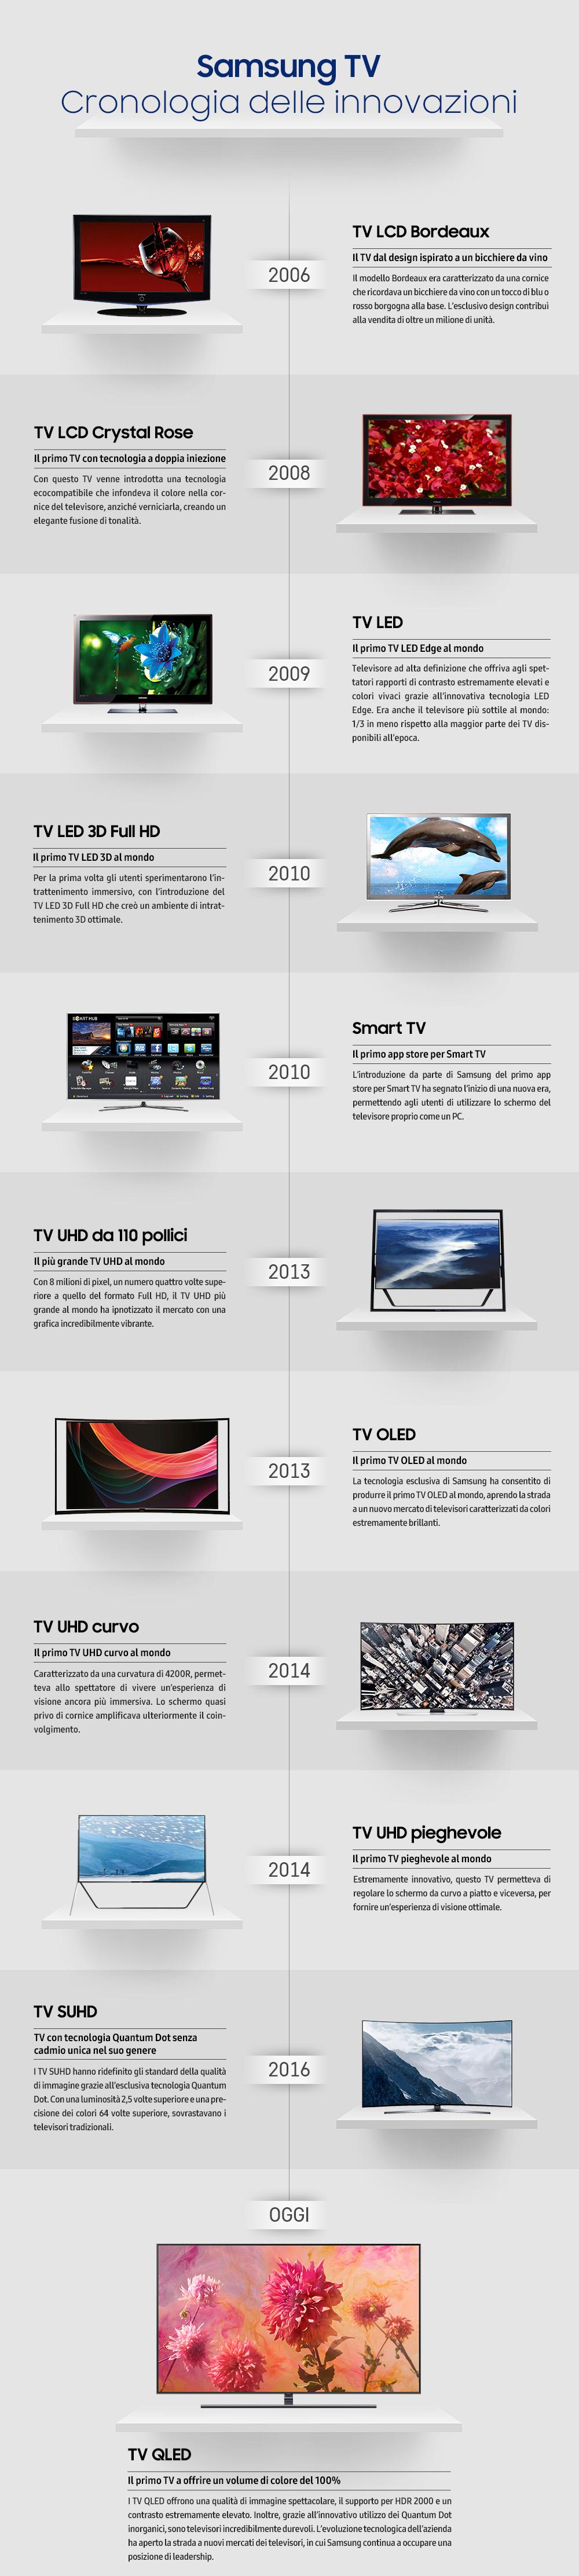 Infografica] Uno sguardo alle principali innovazioni di